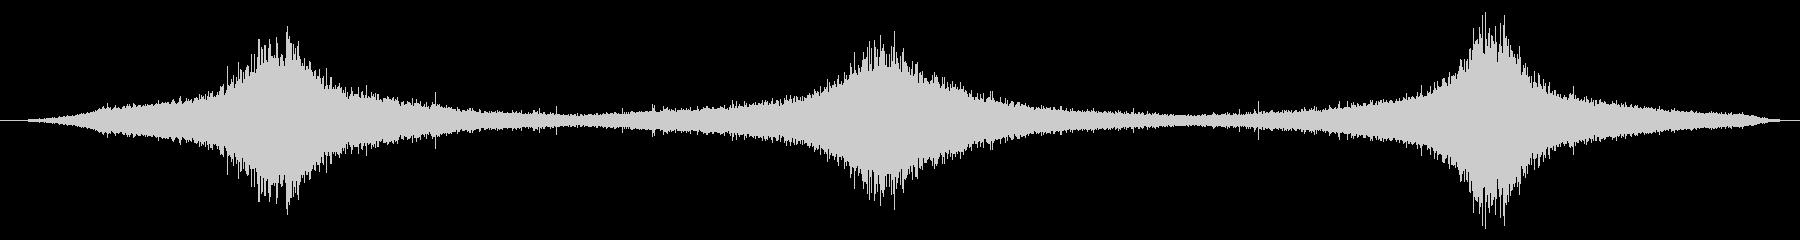 ビンテージスペーススキャナー:エレ...の未再生の波形